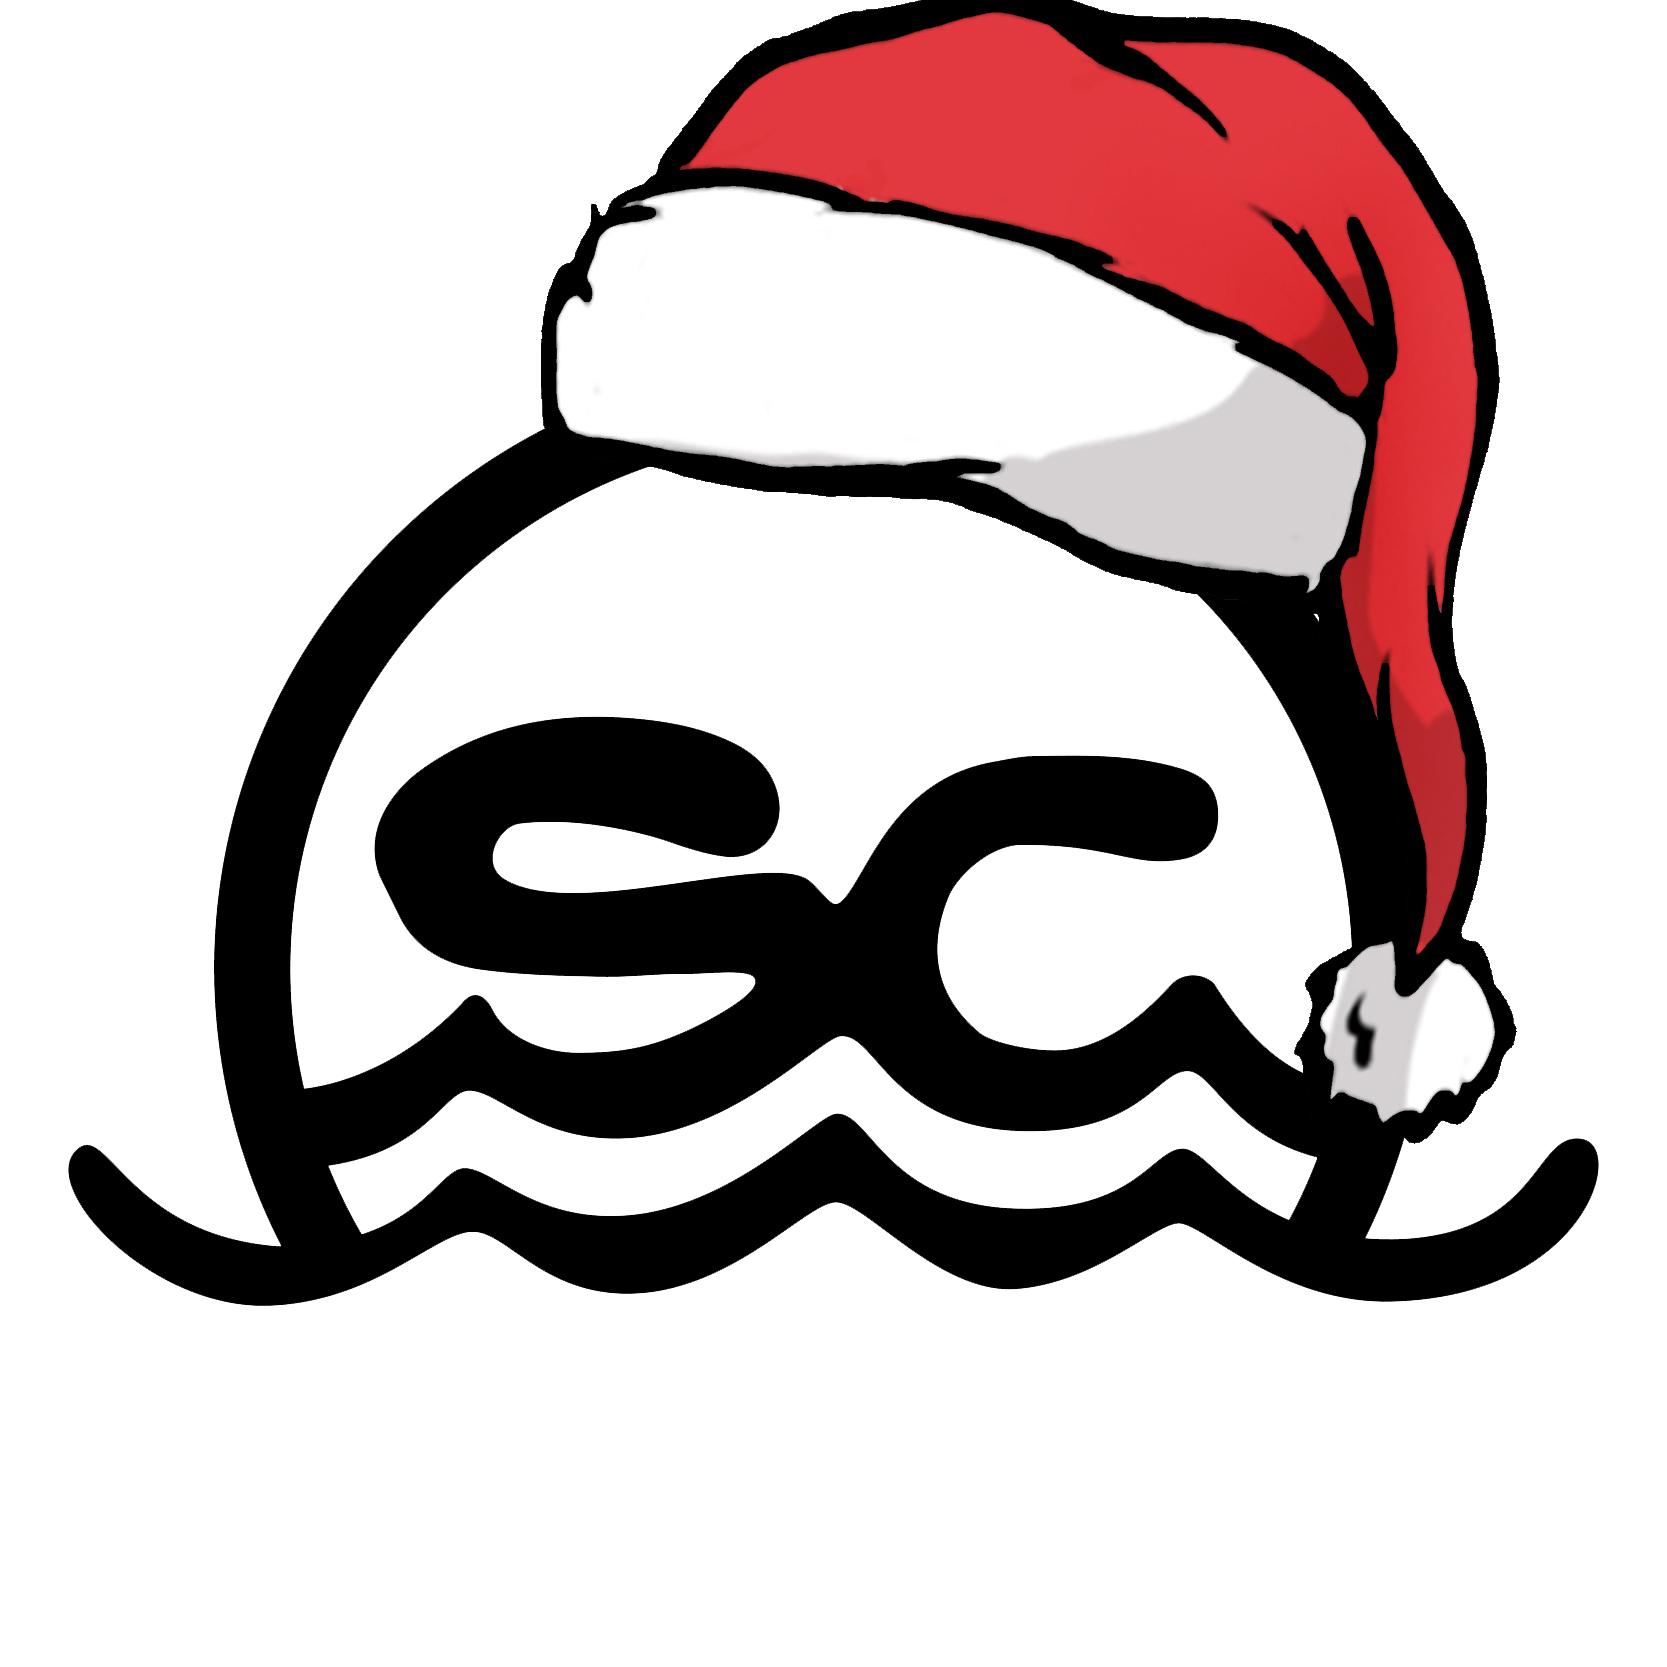 Saving Cadence Christmas.jpg